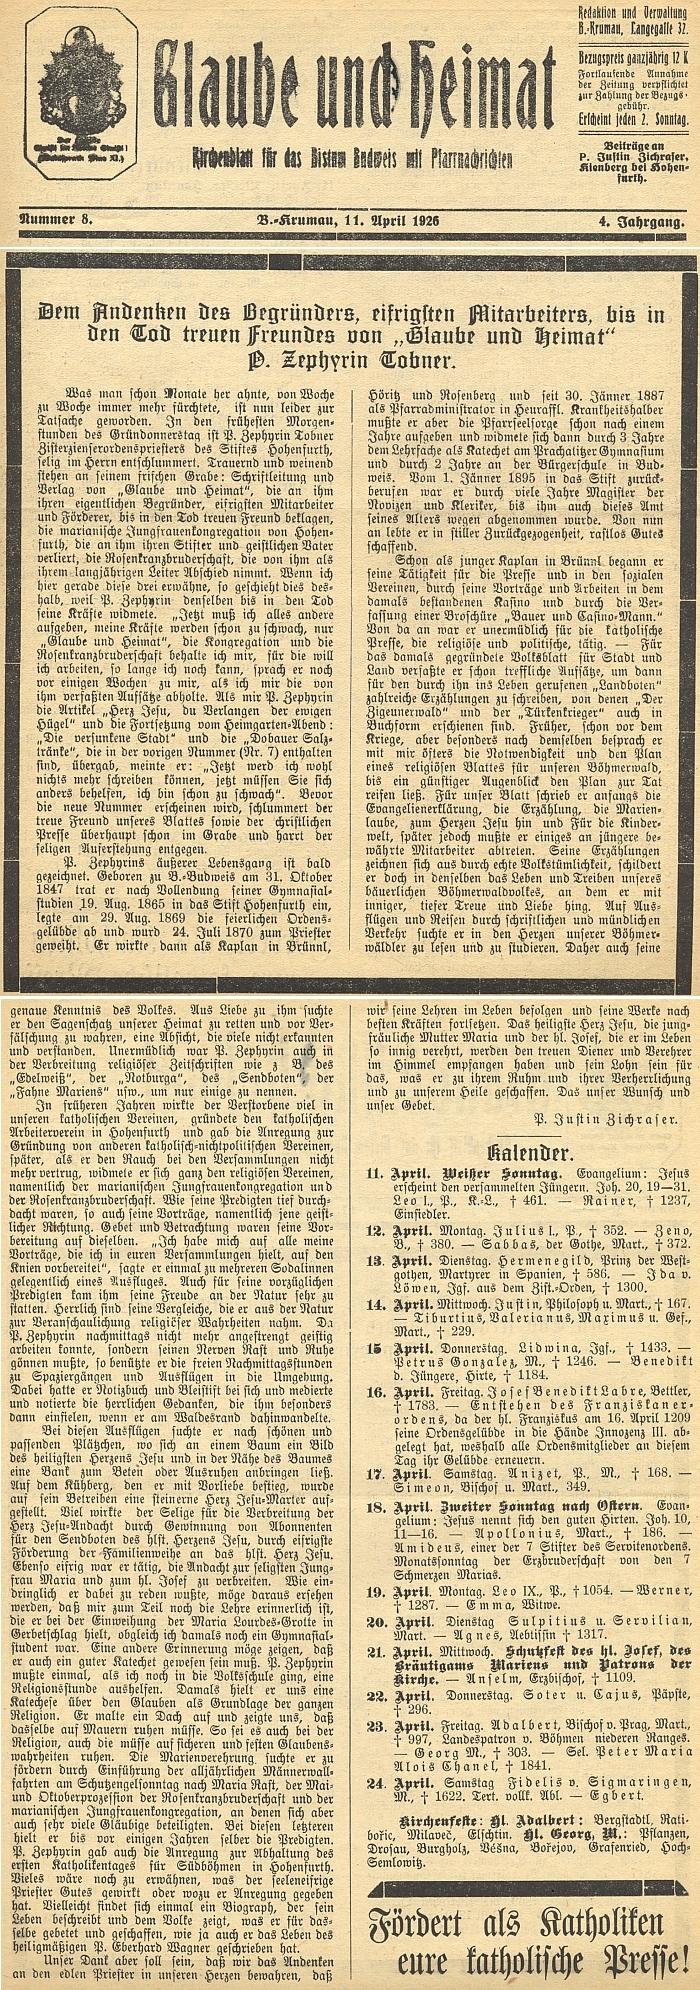 """Nekrolog v tehdy českokrumlovském církevním listu """"Glaube und Heimat"""" napsal o svém zesnulém spolubratru P. Justin Zichraser"""